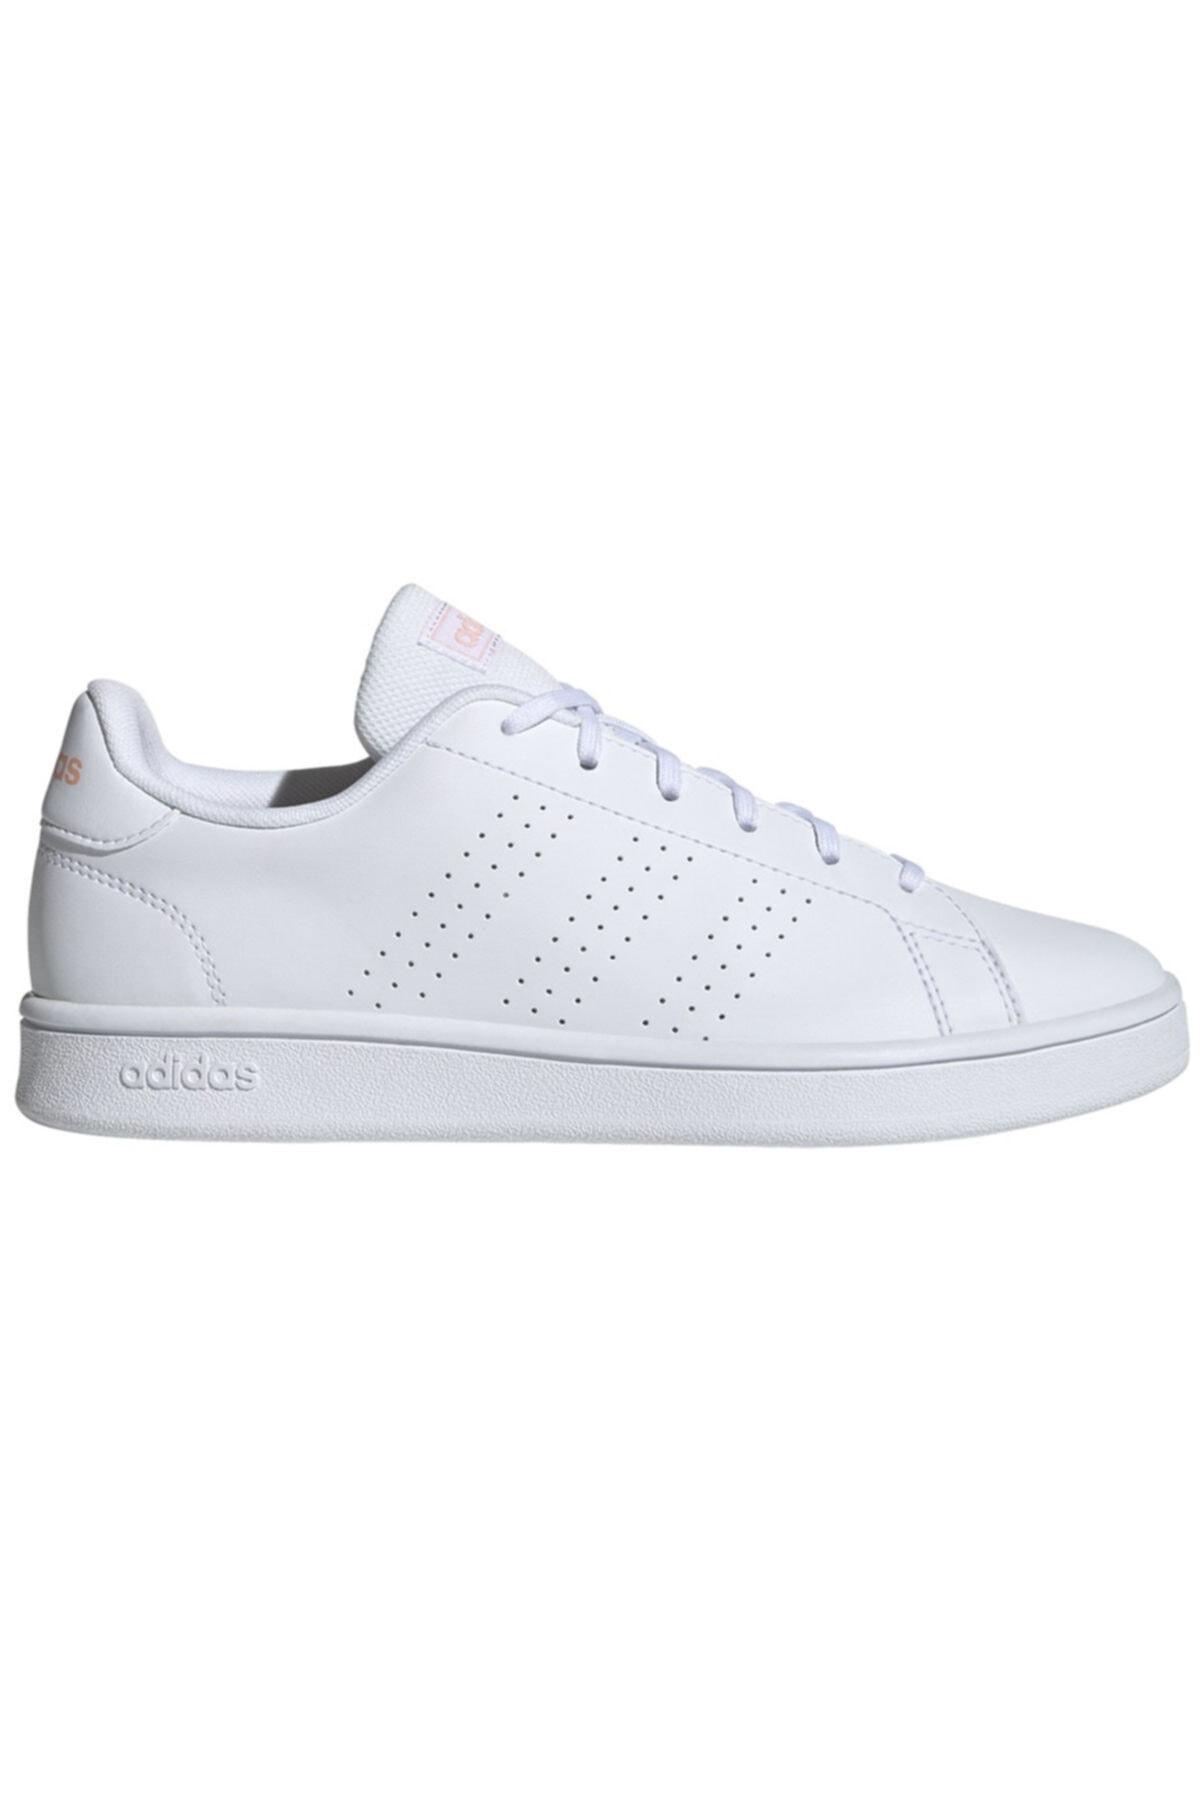 adidas ADVANTAGE BASE Beyaz Kadın Sneaker Ayakkabı 100481838 1